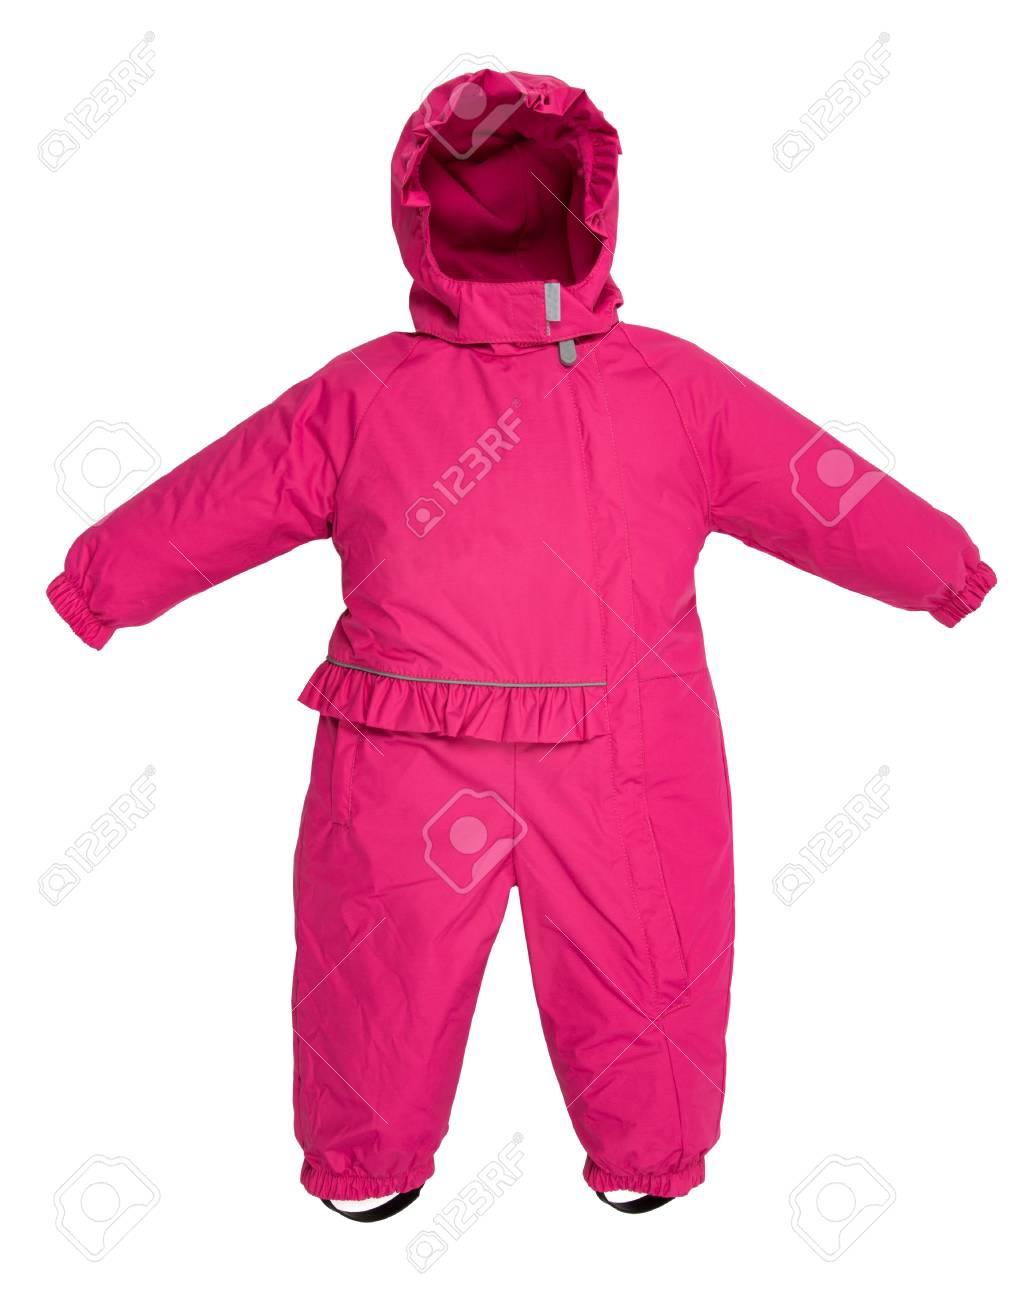 41fc226ba8d883 La tuta da jeans per bambini è caduta su uno sfondo bianco Archivio  Fotografico - 65146808